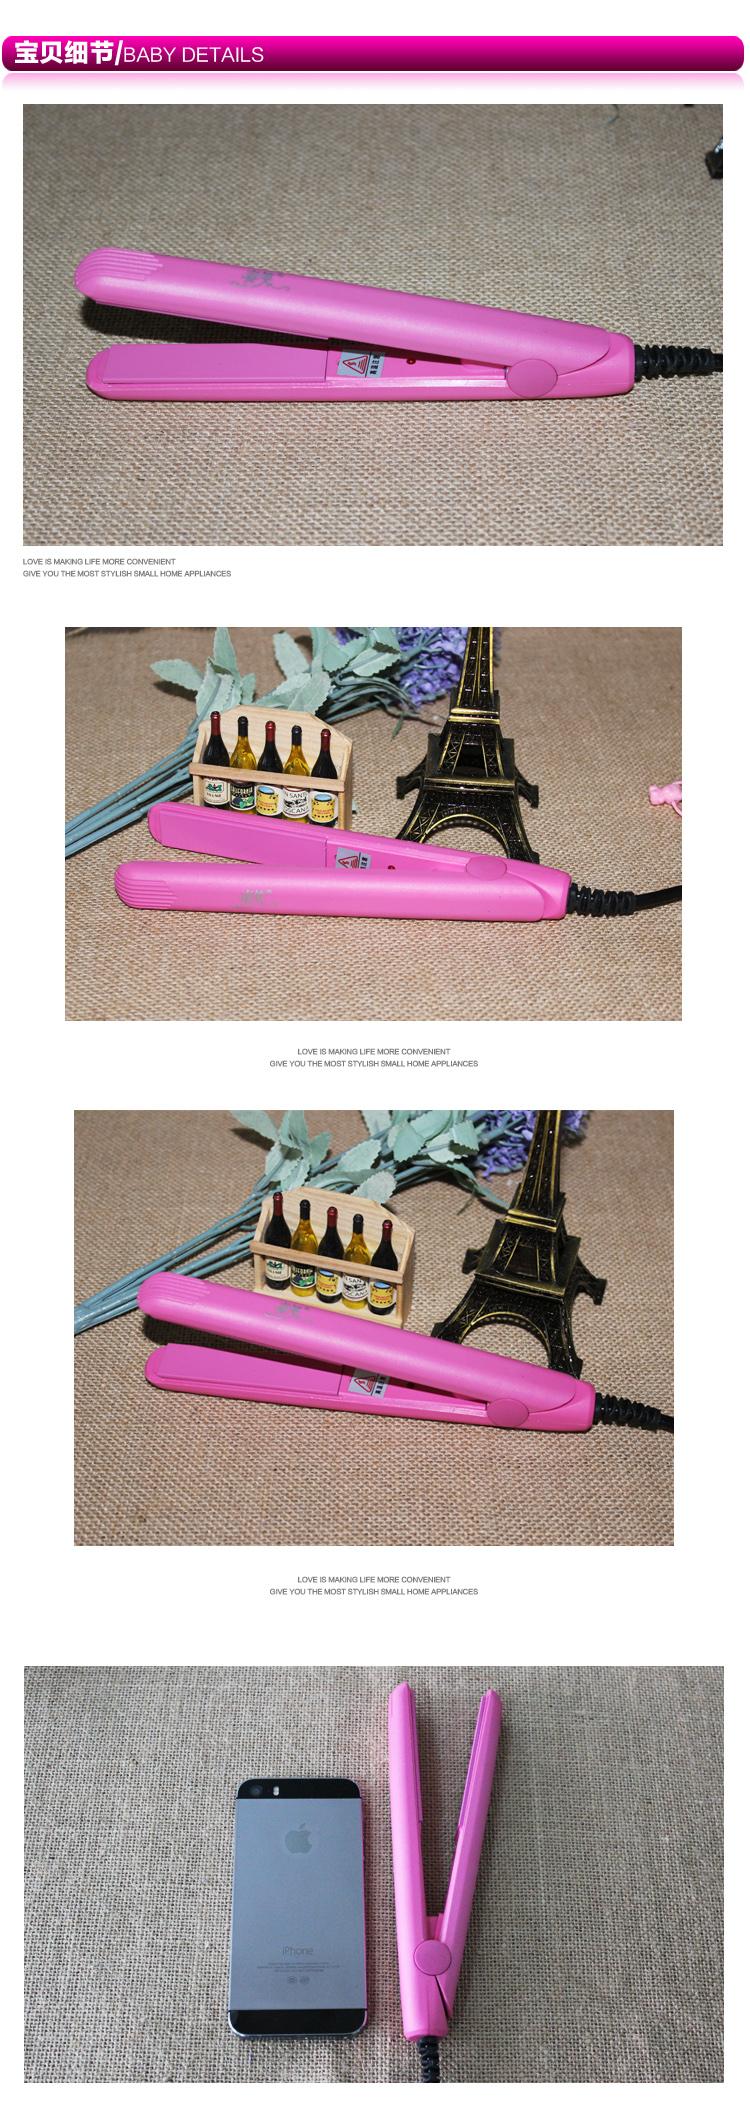 выпрямление утюги анион розовый мини-волосы выпрямитель керамическая плита двоевластие шину для выпрямления волос ролики